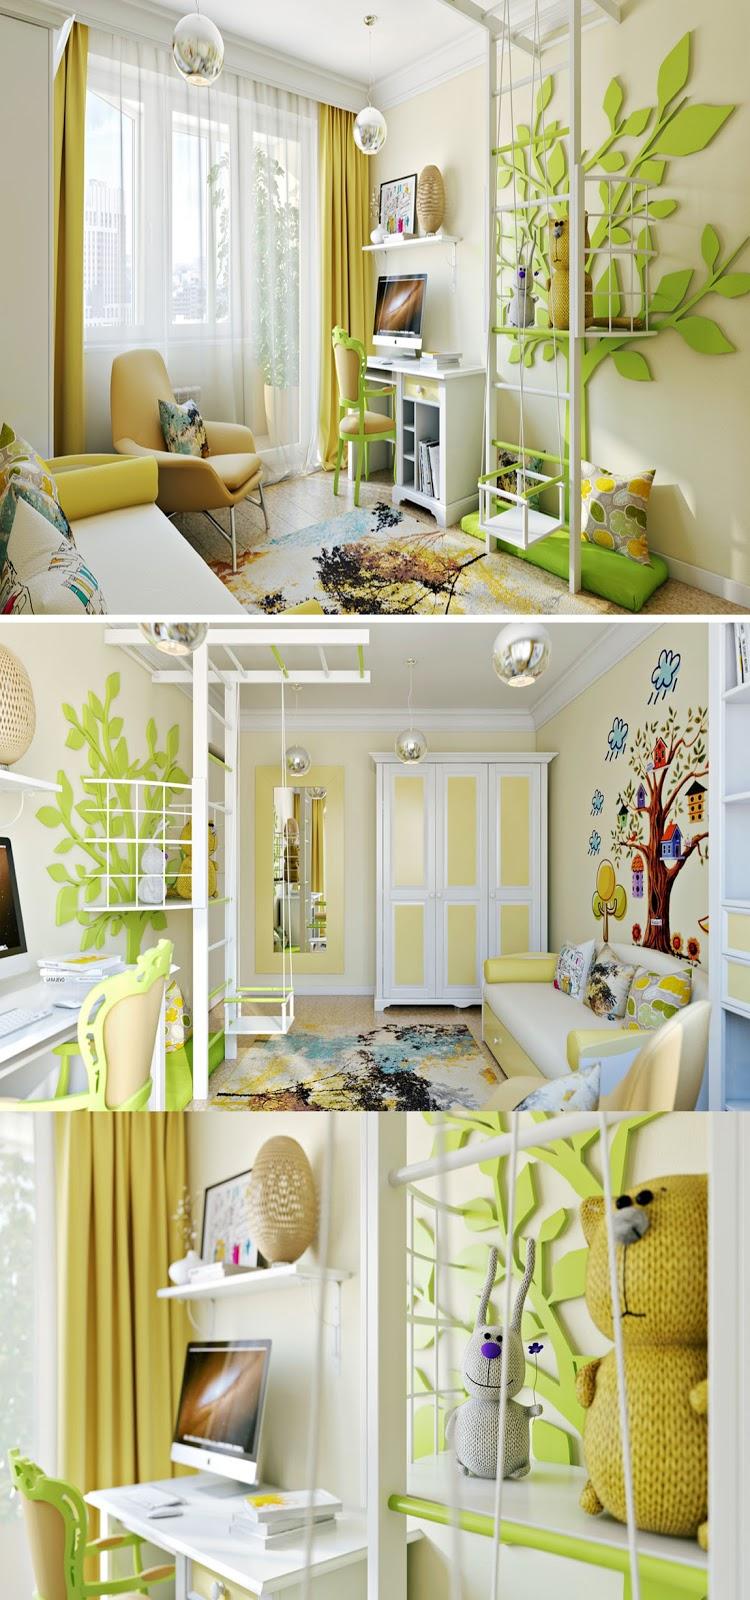 decoração quarto infantil, cor amarelo